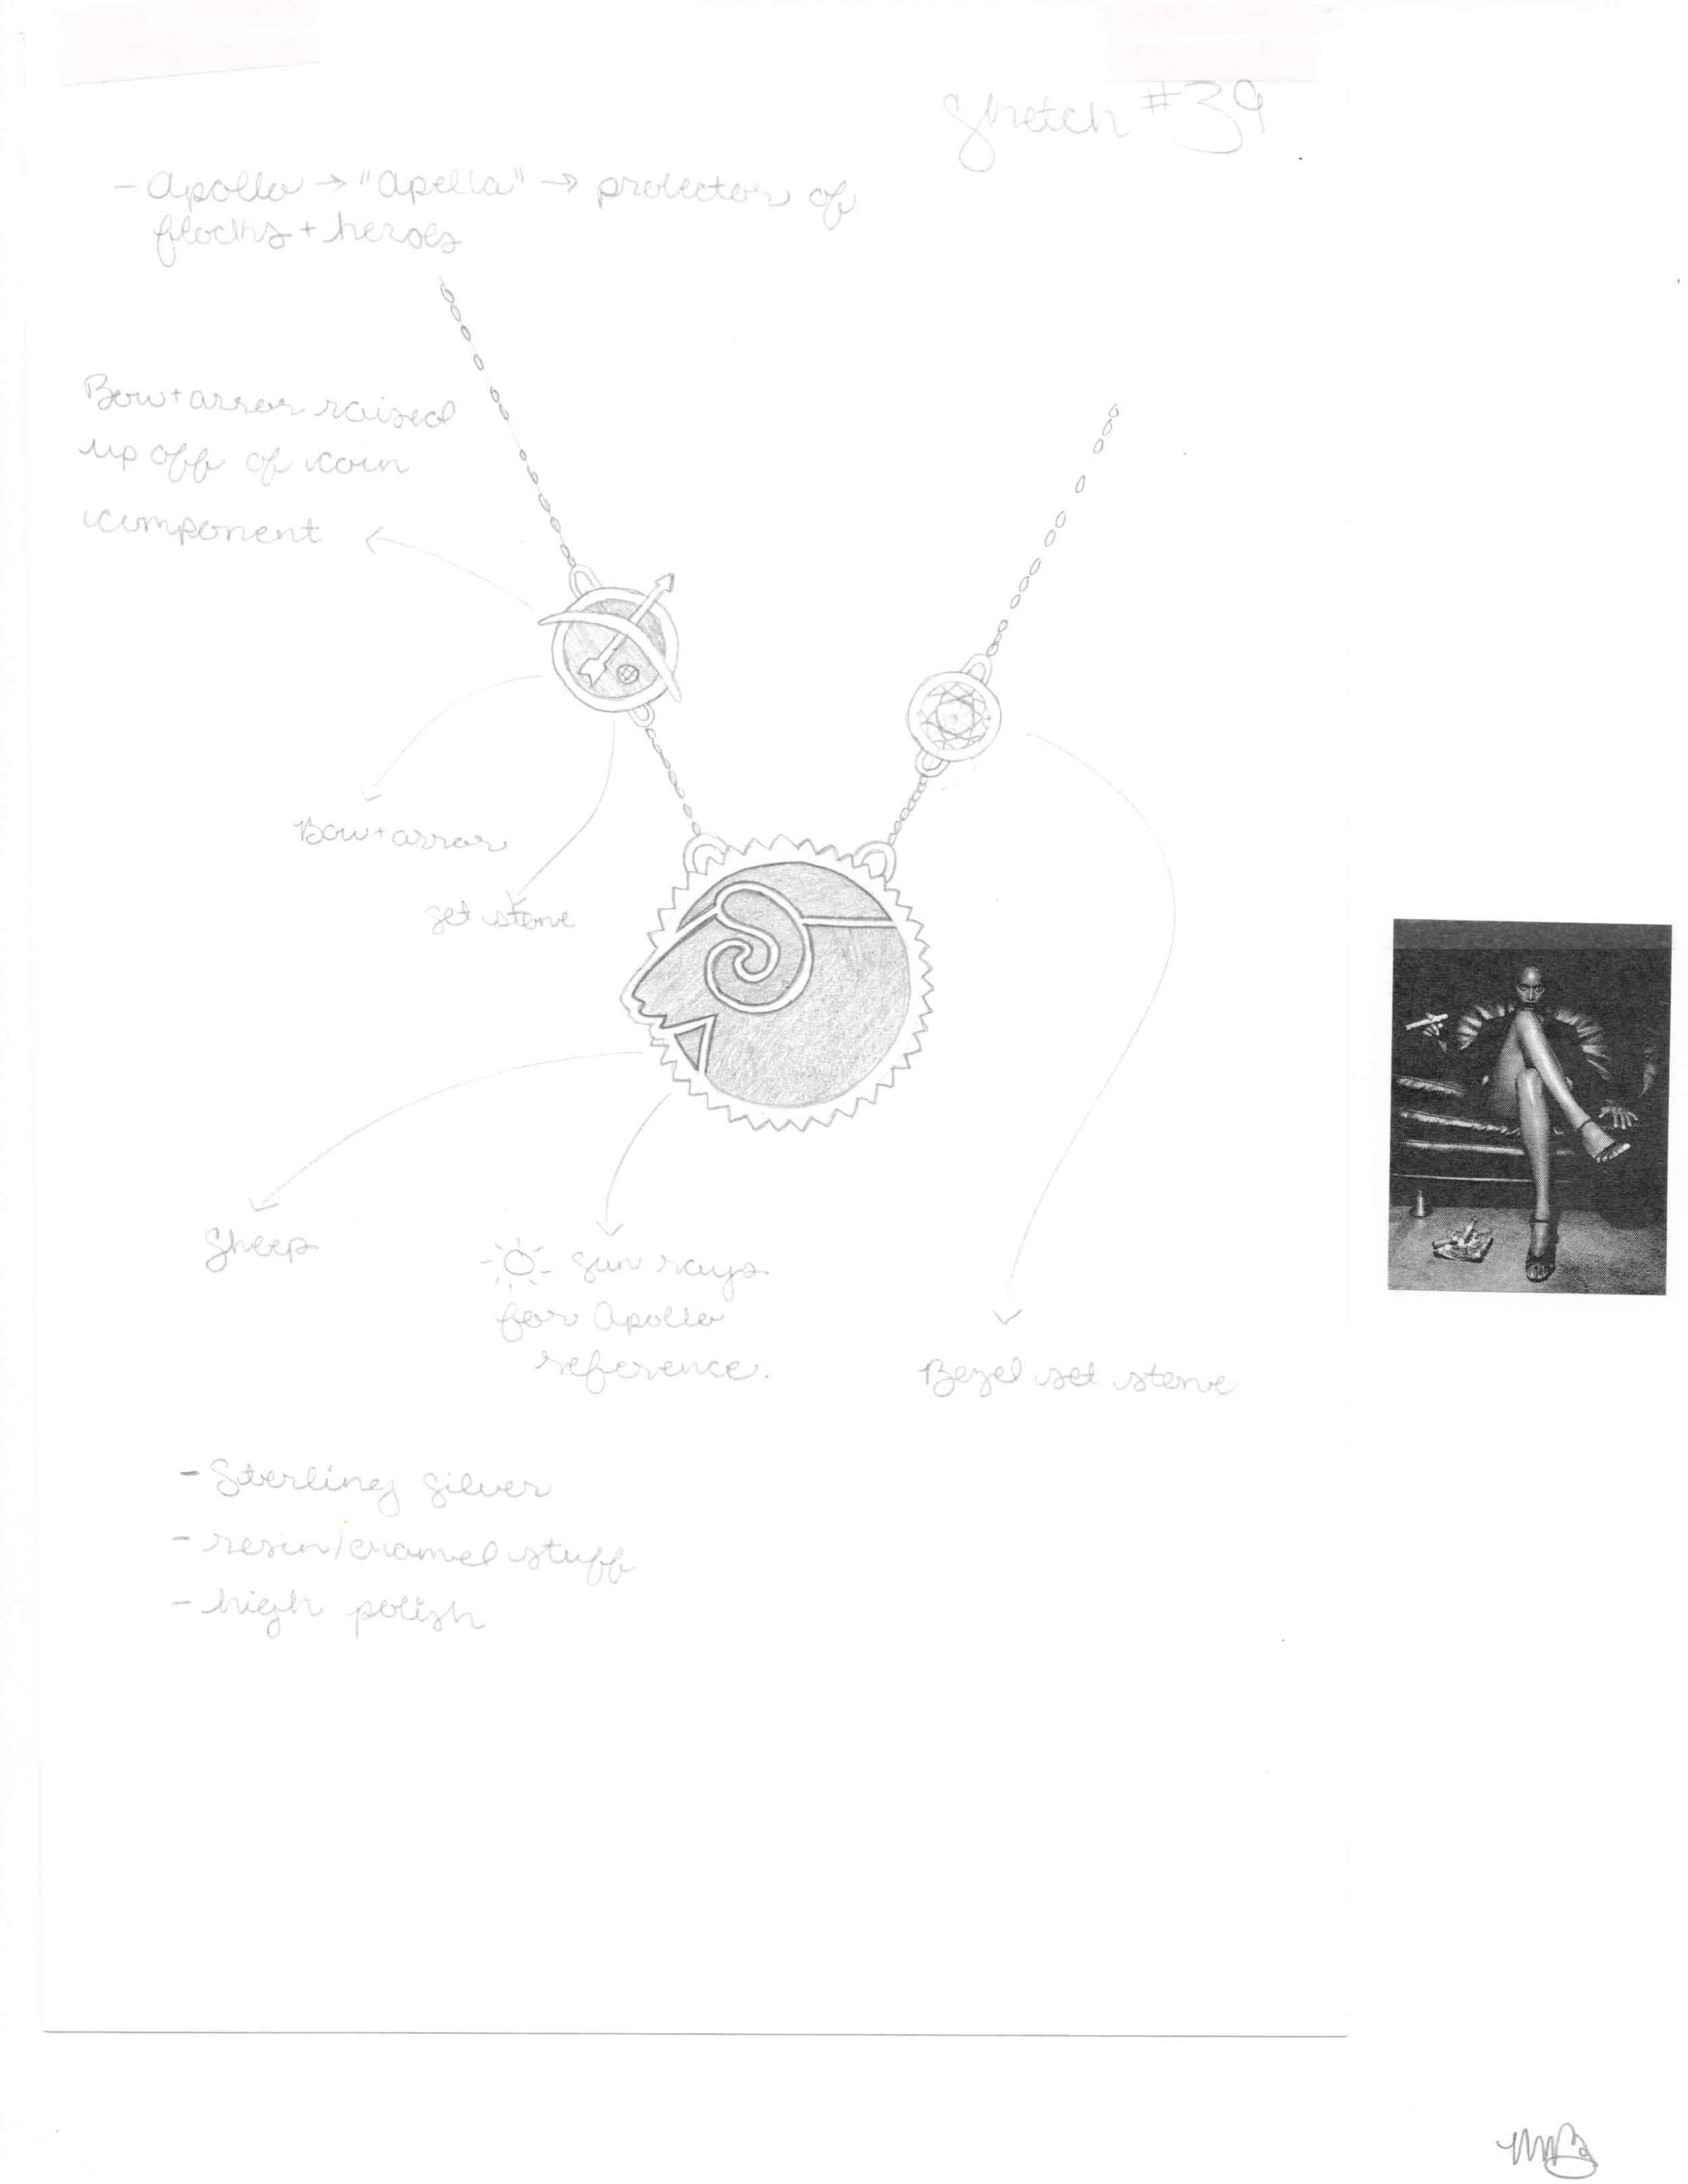 Usurper Sketch_039.jpg